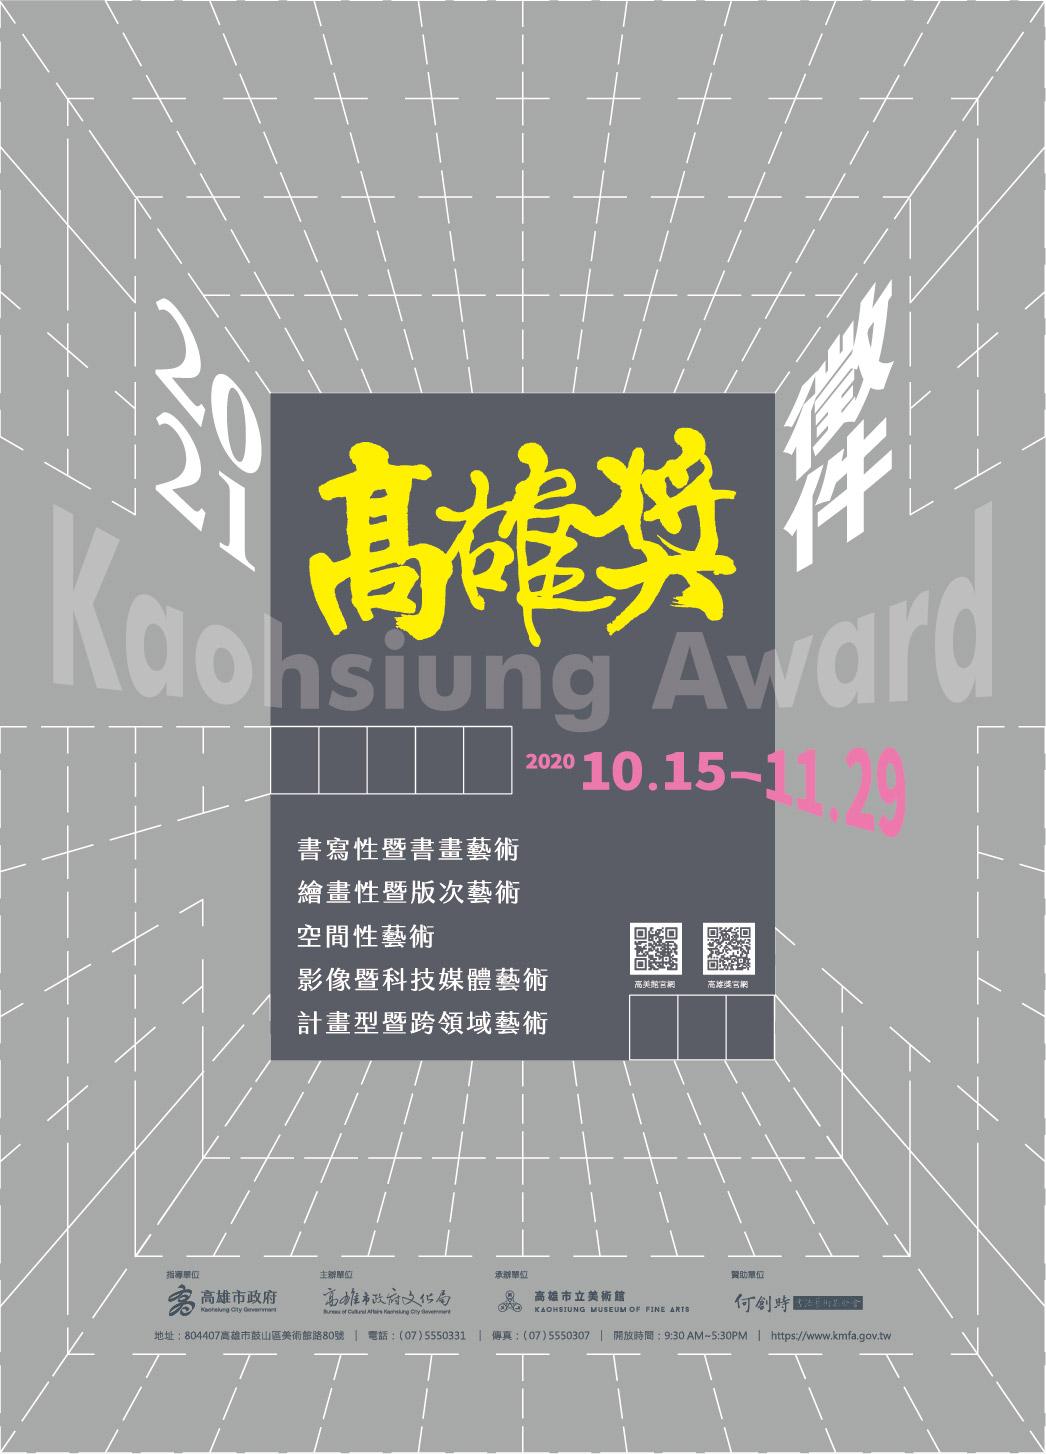 高雄市立美術館:2020/10/15 – 2020/11/29【《2021高雄獎》公開徵件】